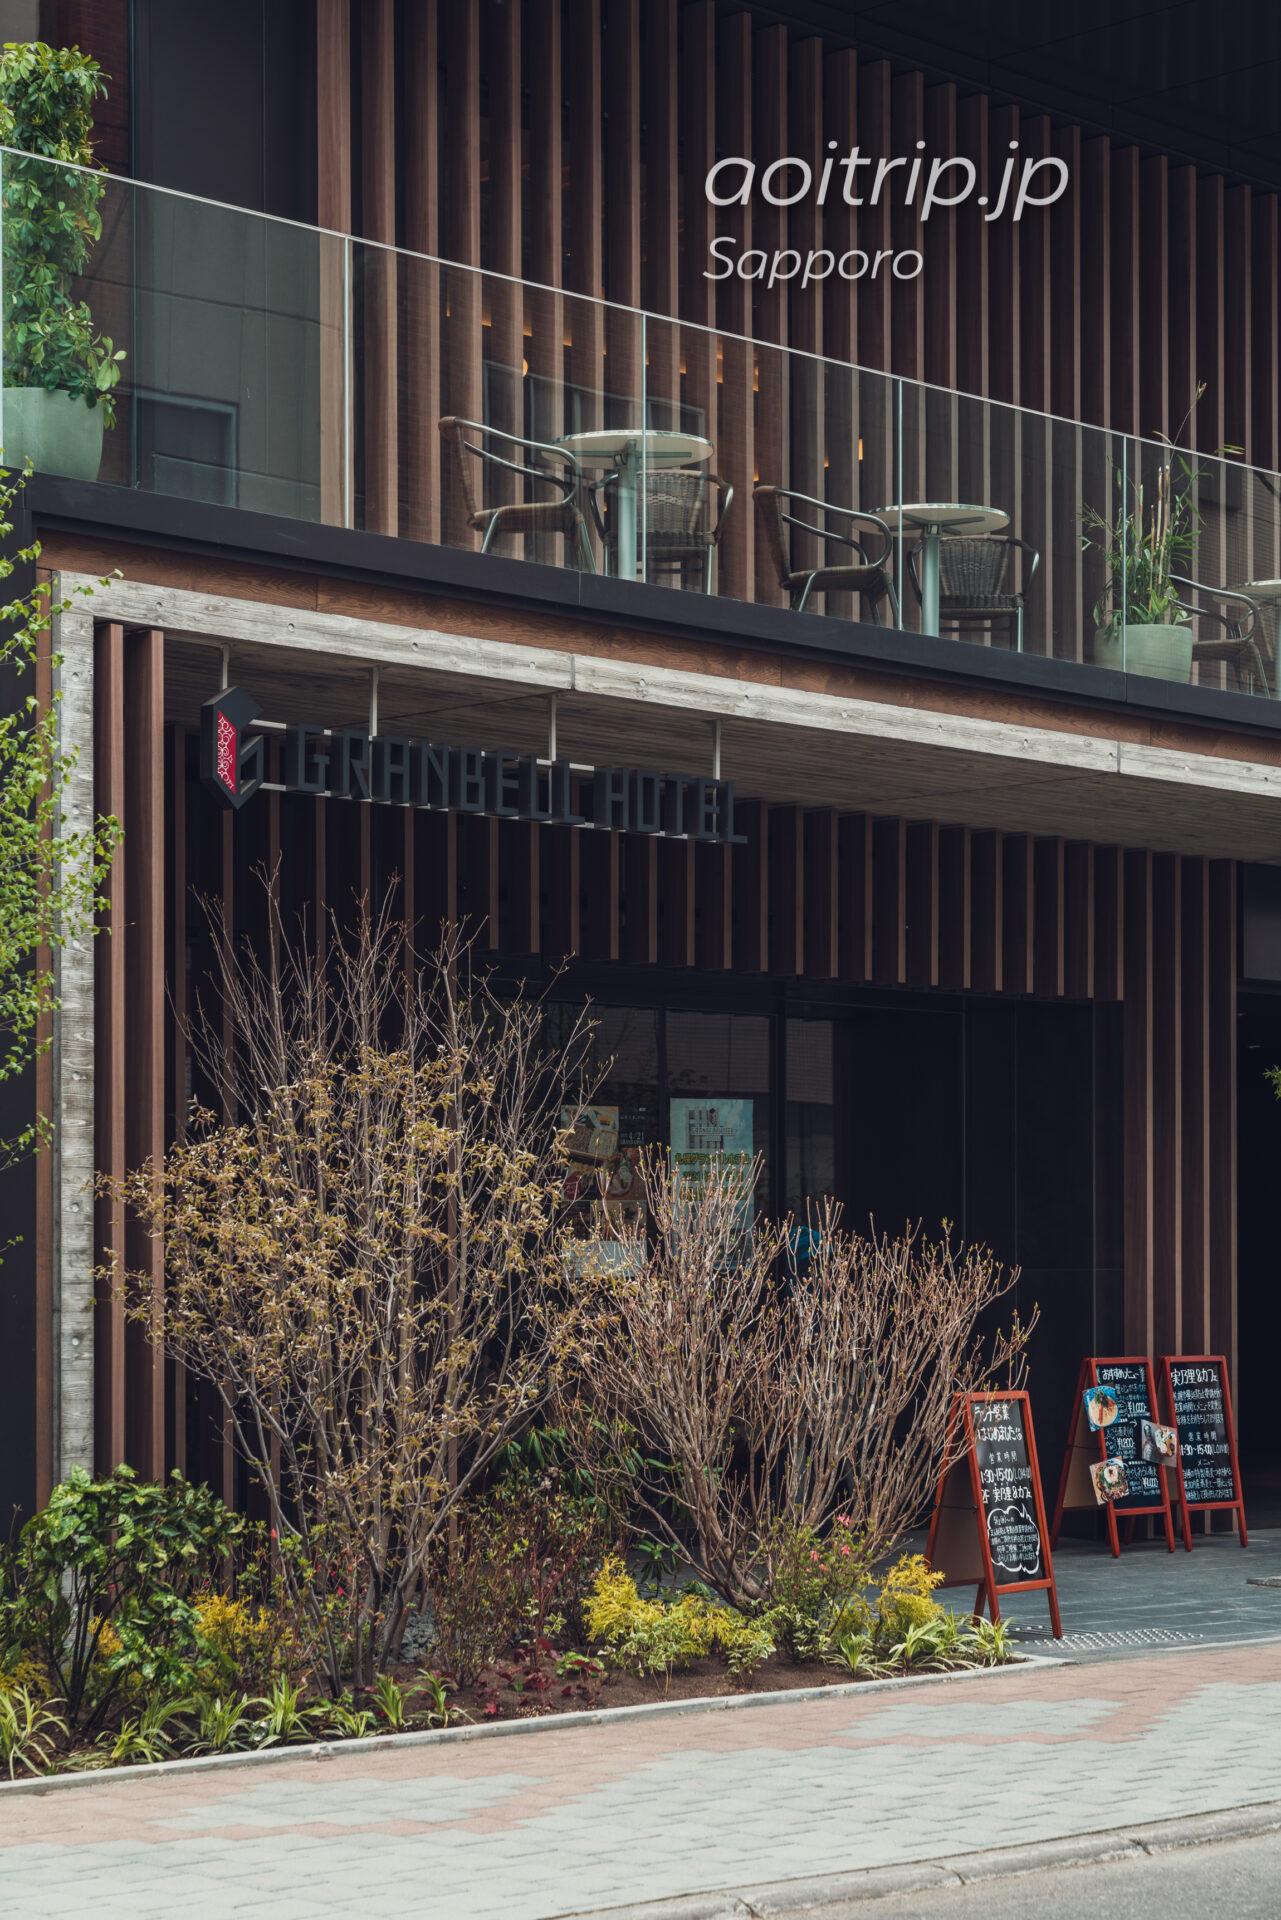 札幌グランベルホテル Sapporo Granbell Hotelのエントランス